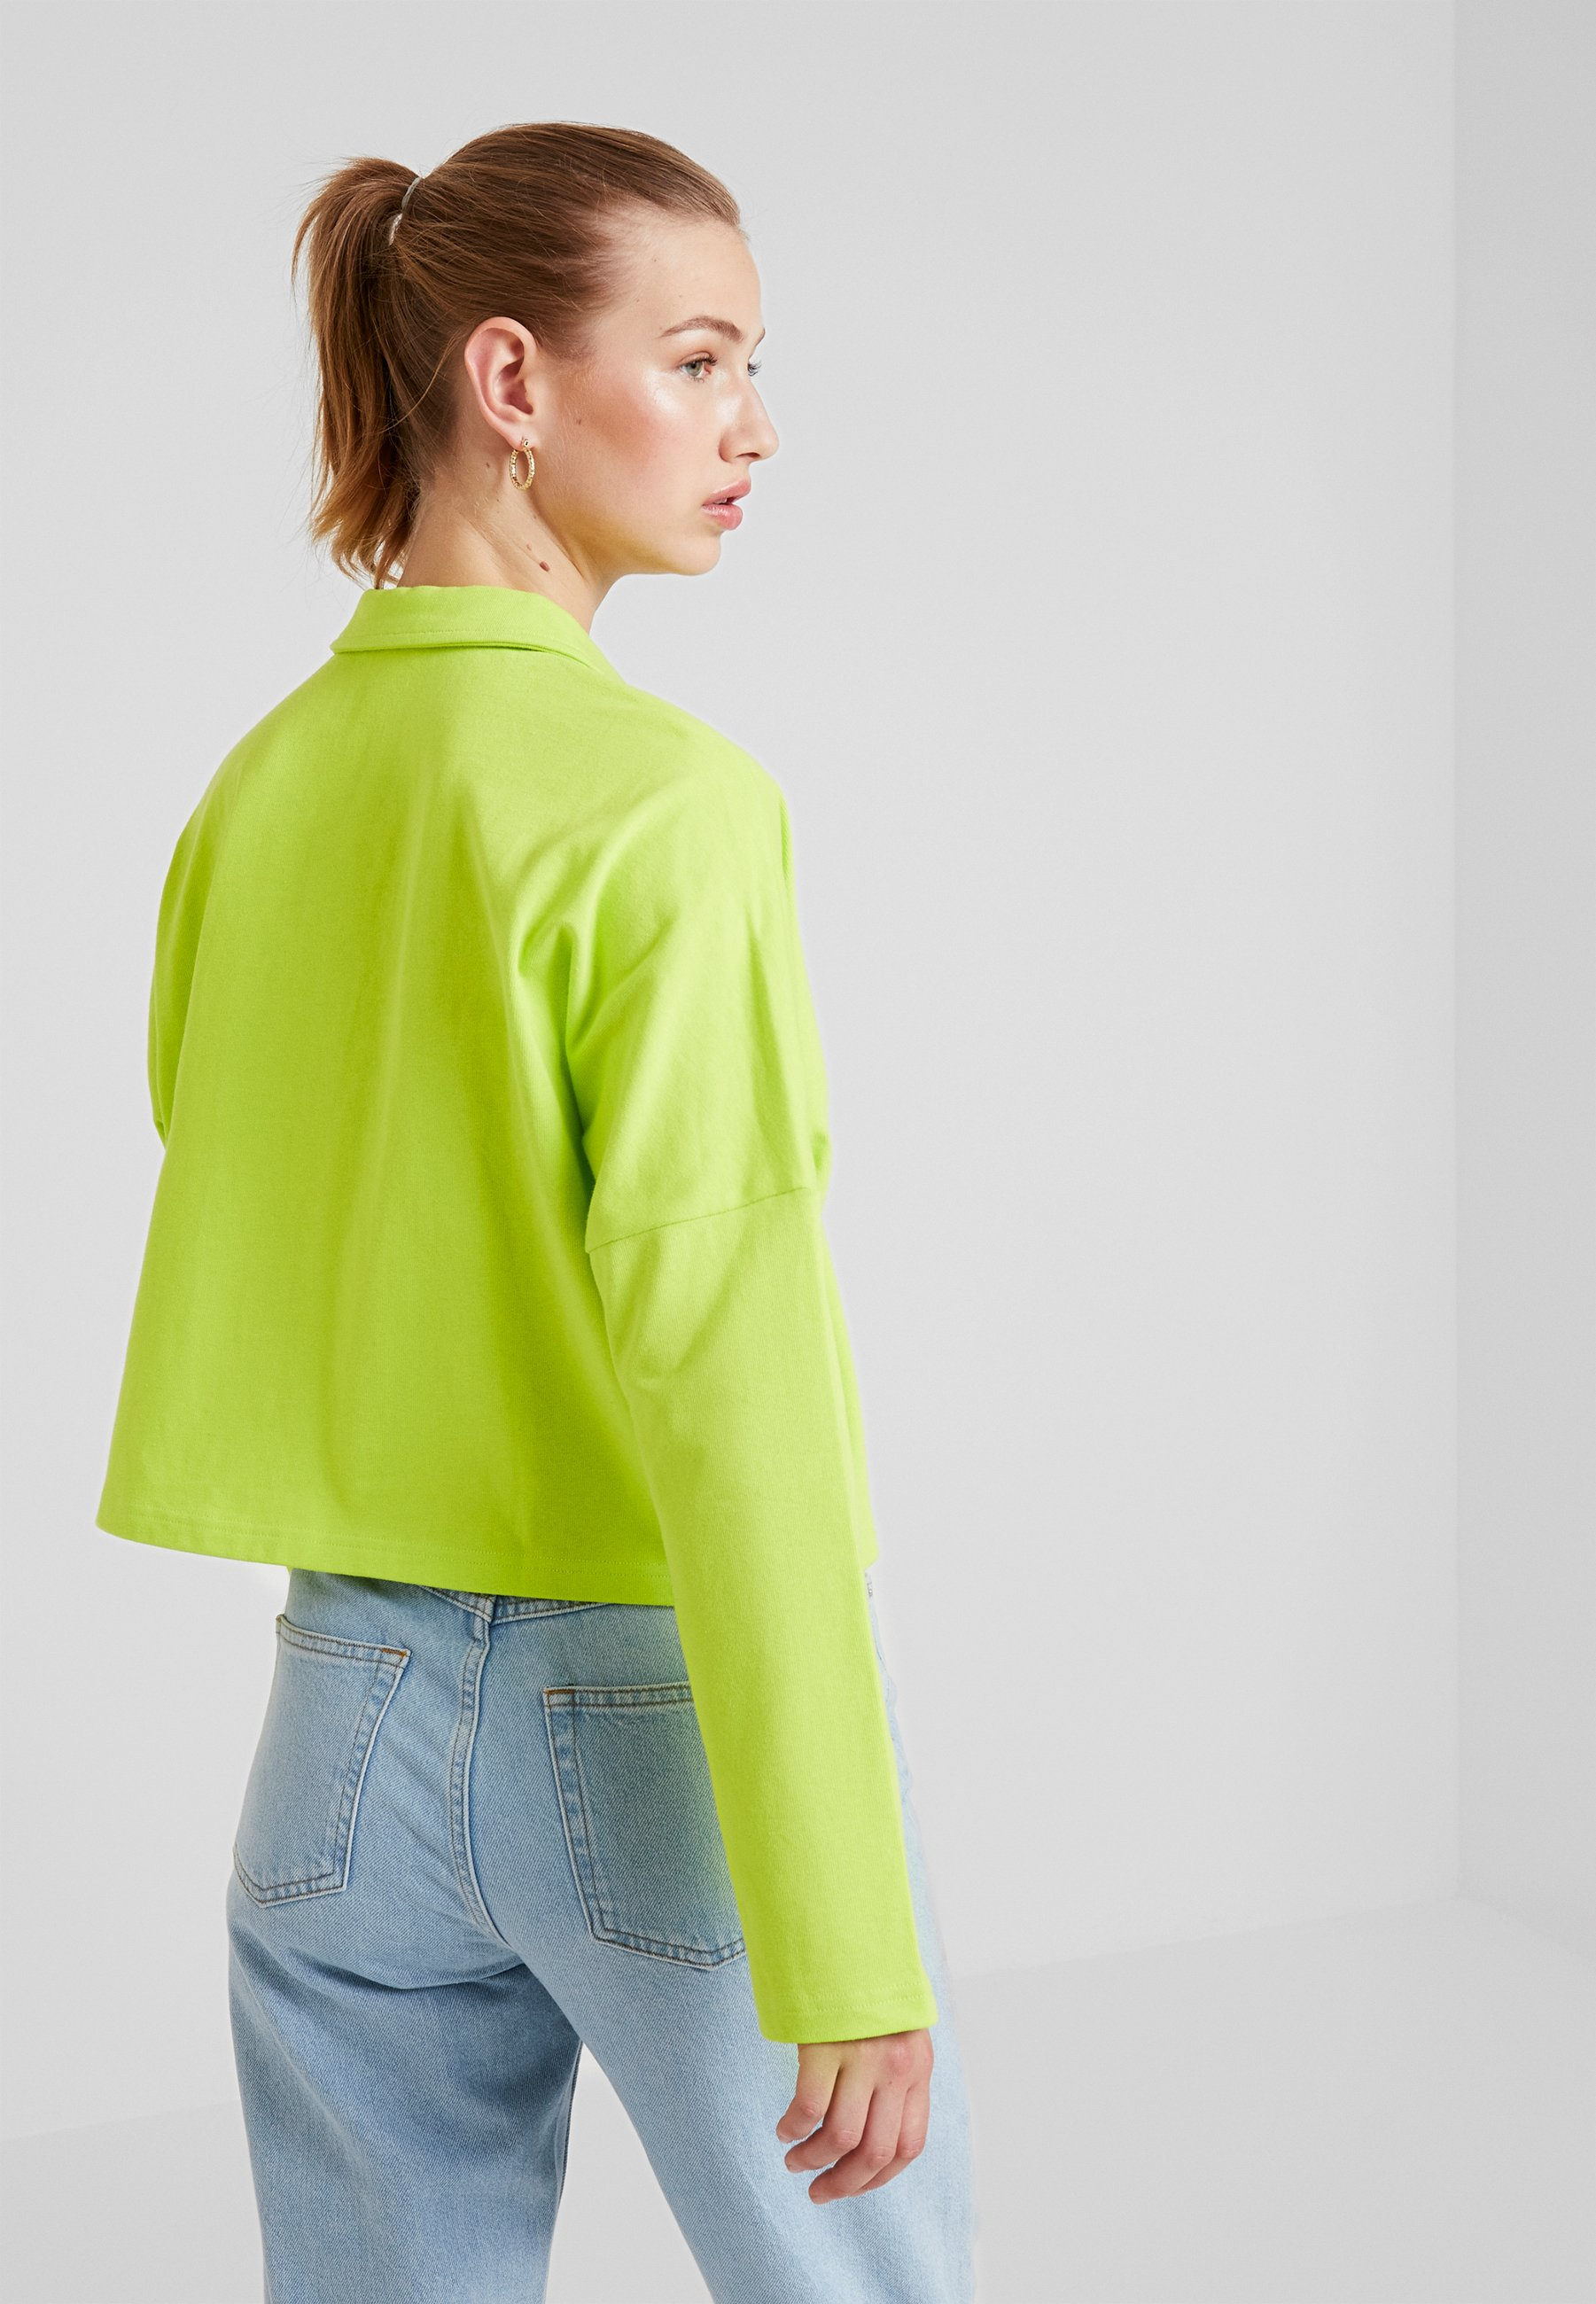 Longues Manches shirt À Green Monki DollyT Lime xeQoWrdECB